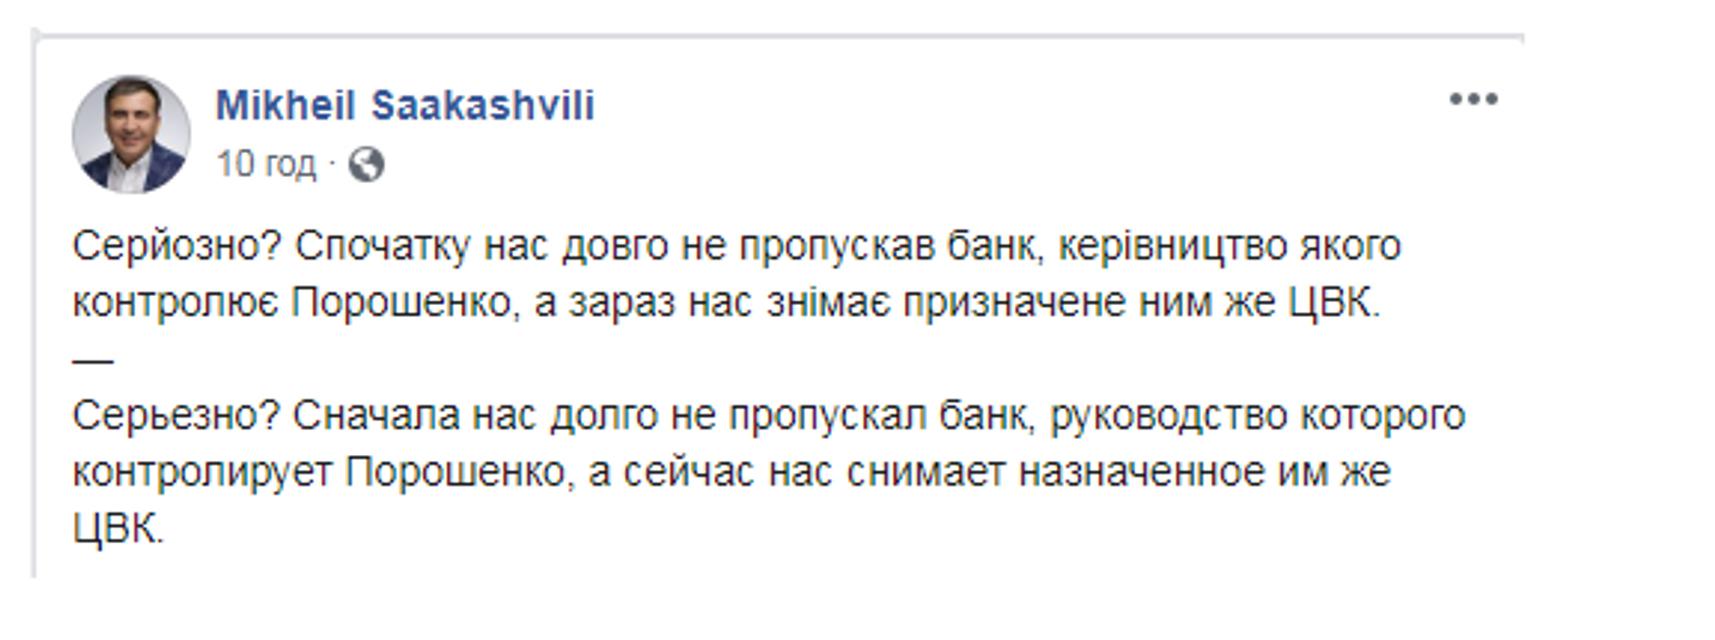 Саакашвили не идет в Раду. 'Виноват' Порошенко - ВИДЕО - фото 183173